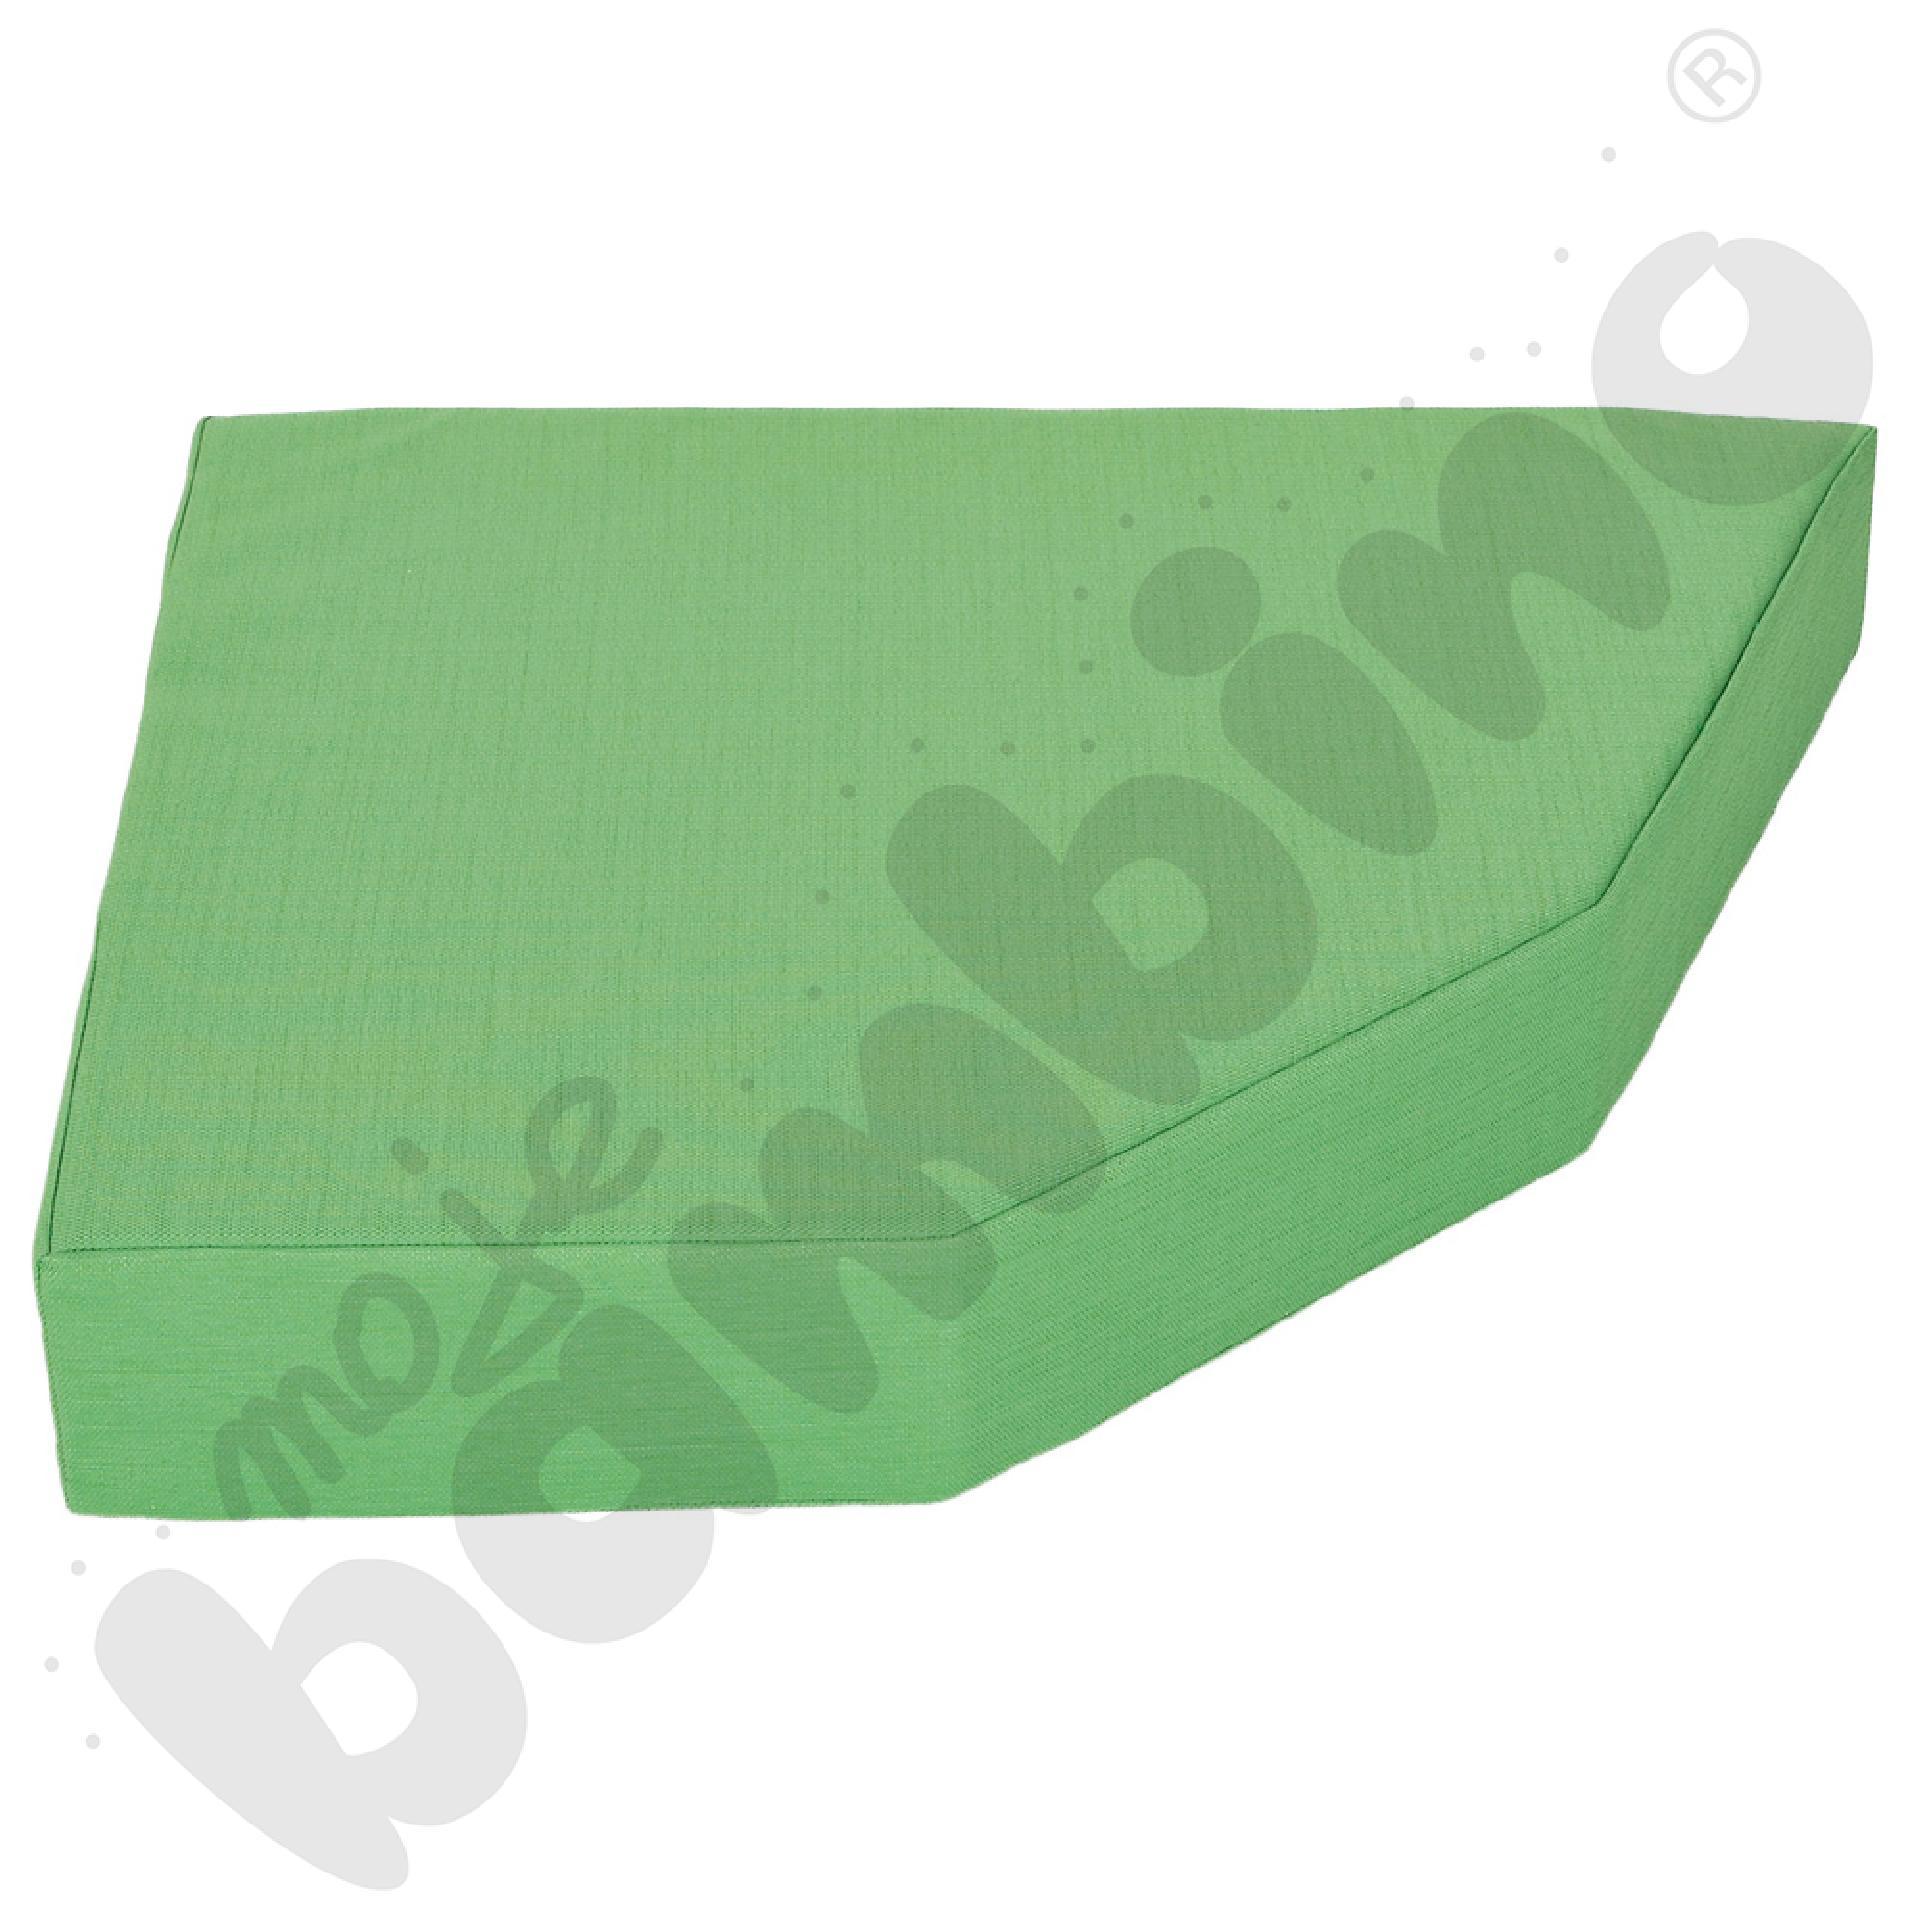 Materac Quadro 2 zielony, wys. 15 cm